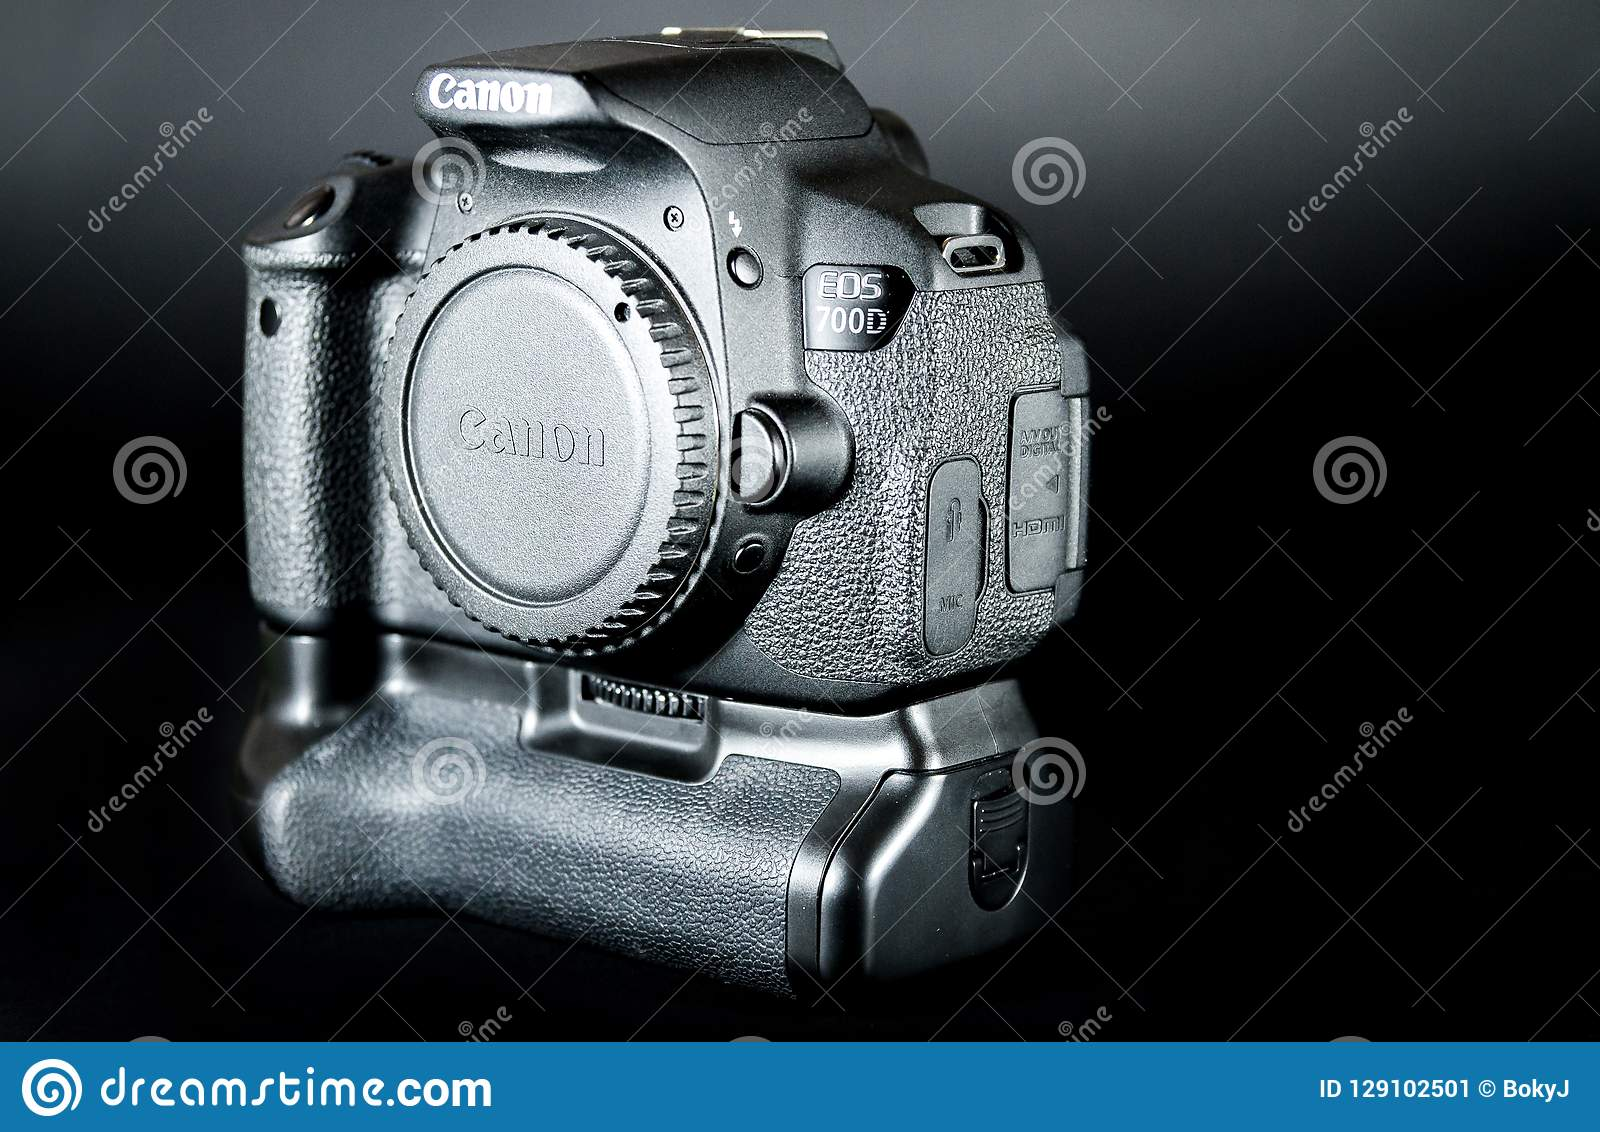 O corpo do EOS 700D DSLR de Canon com aperto da bateria uniu e tela da aleta